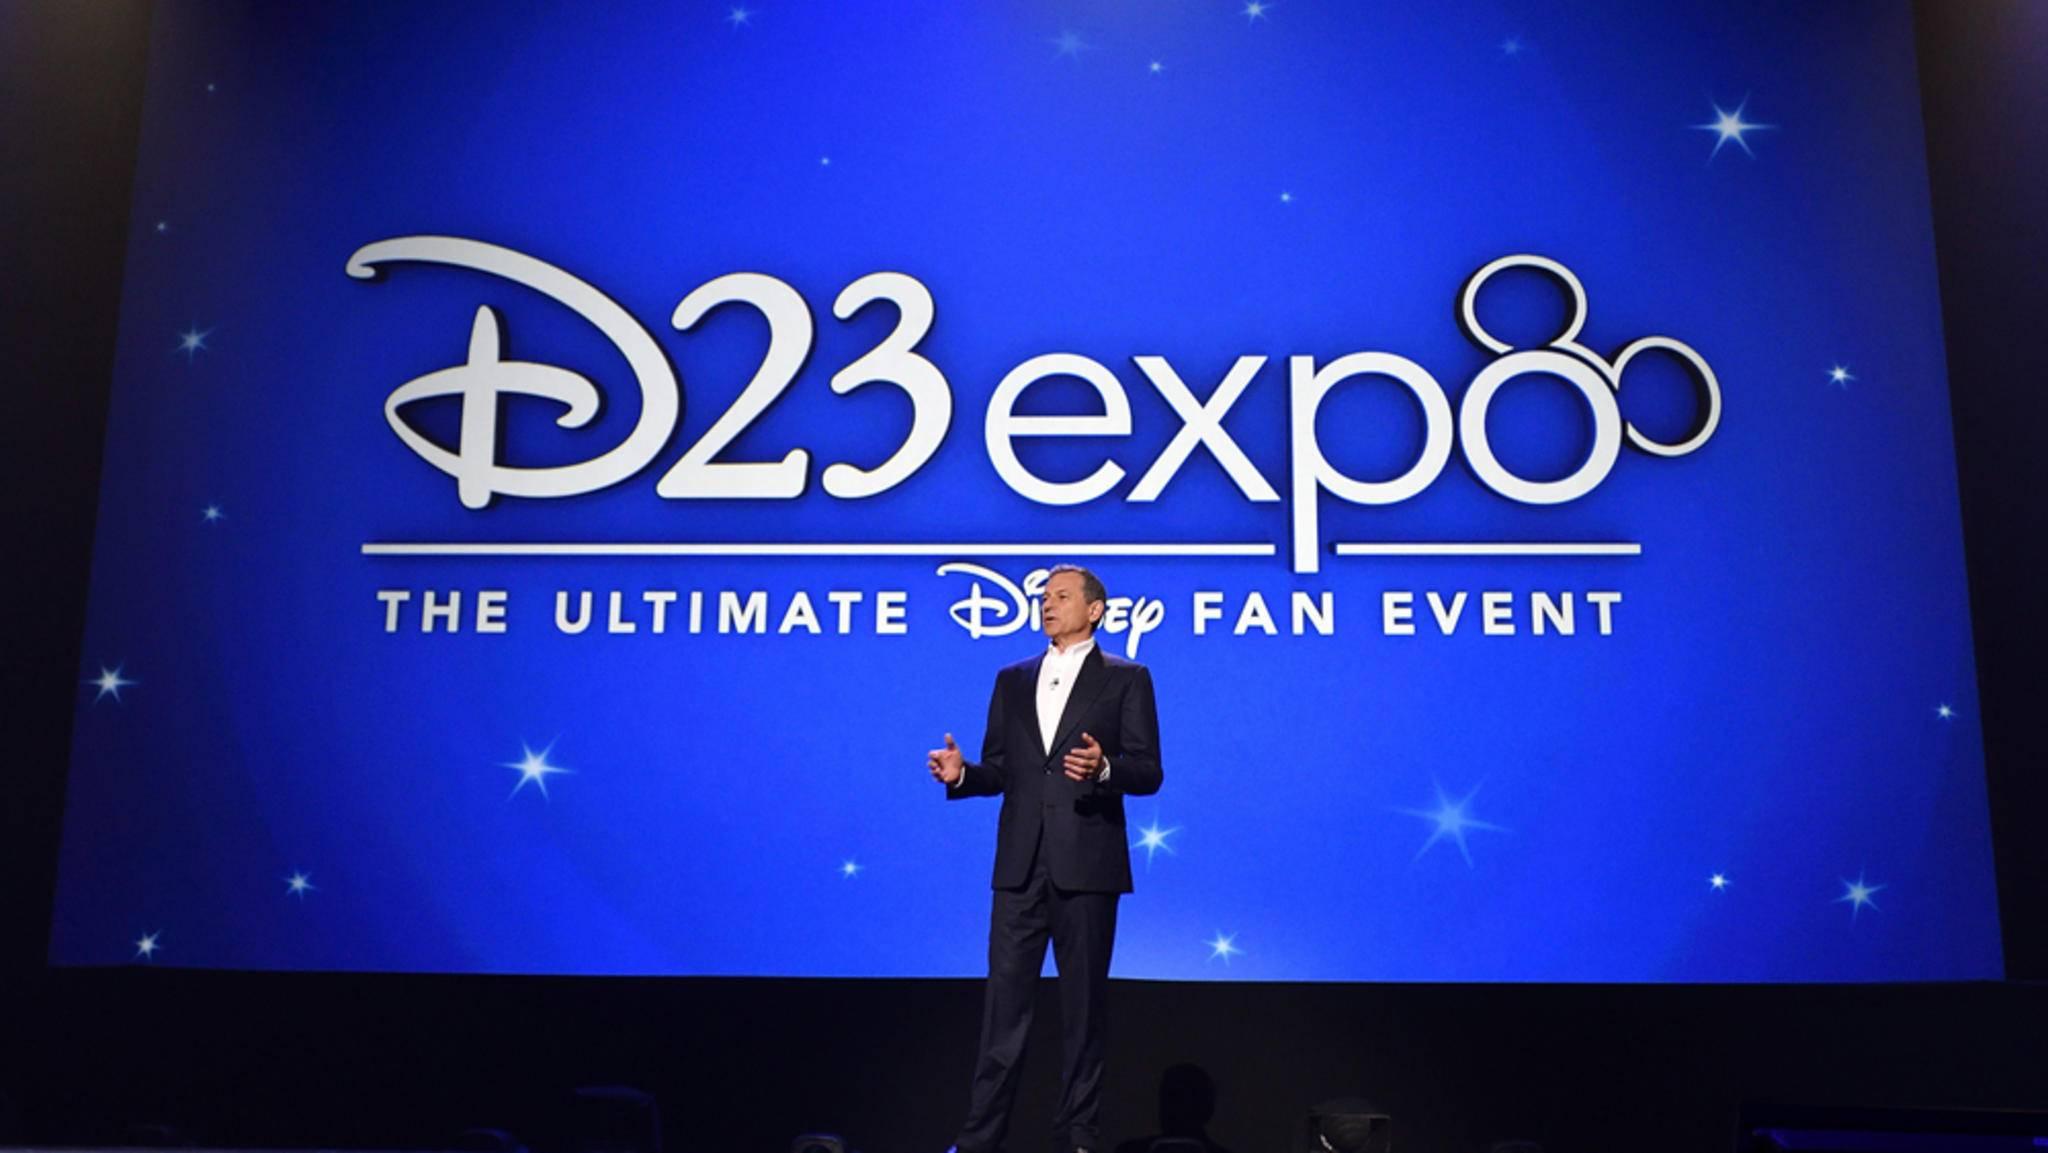 Die D23 Expo 2017 brachte für Fans wieder allerlei Neuigkeiten in Sachen Disney.